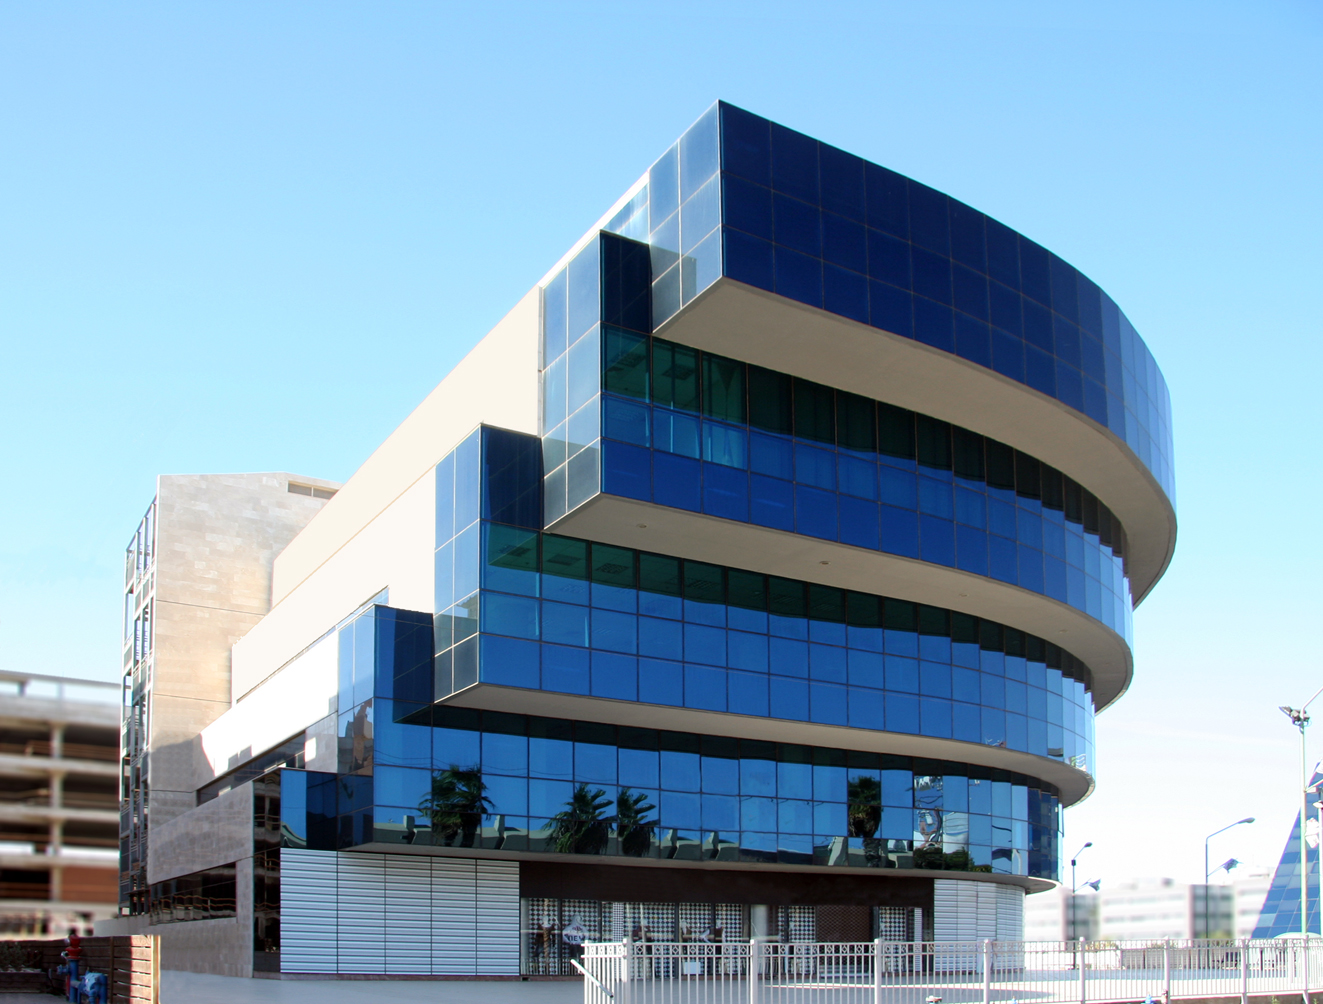 Arquitetura guirlanda confec o cama mesa e banho for Modern office building design concepts exterior